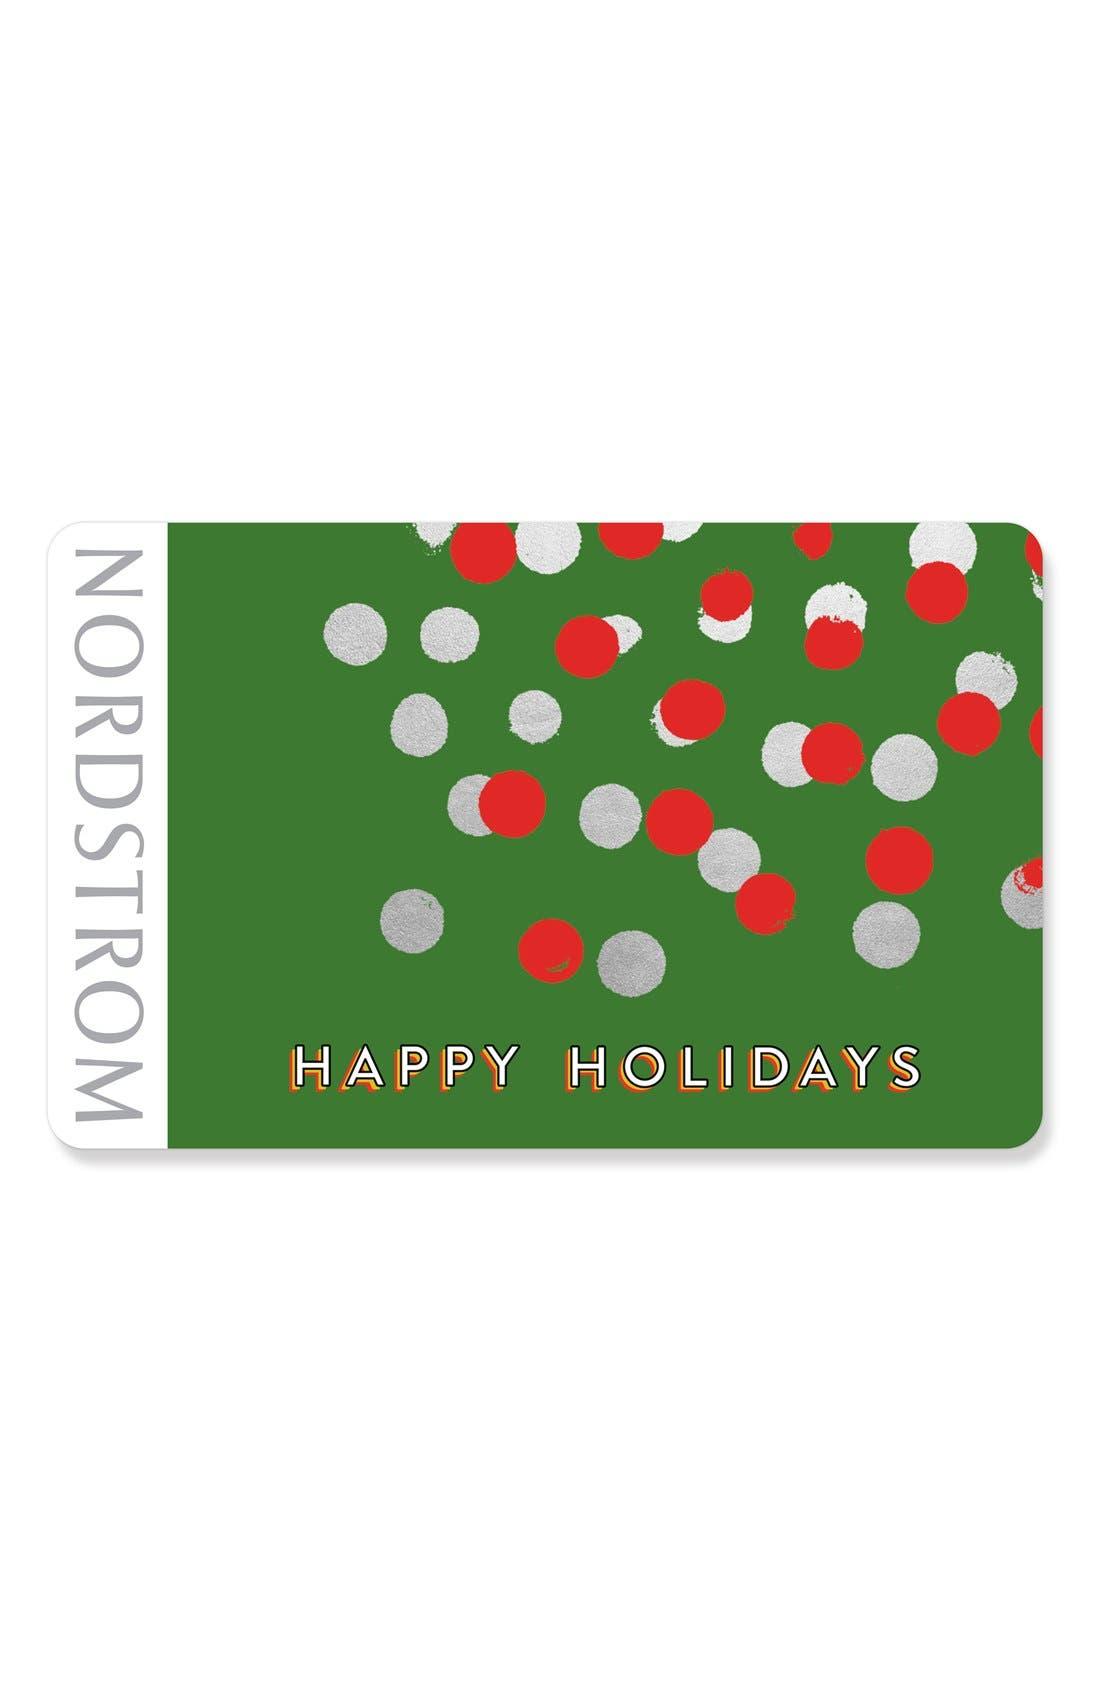 NORDSTROM GIFT CARD | Nordstrom